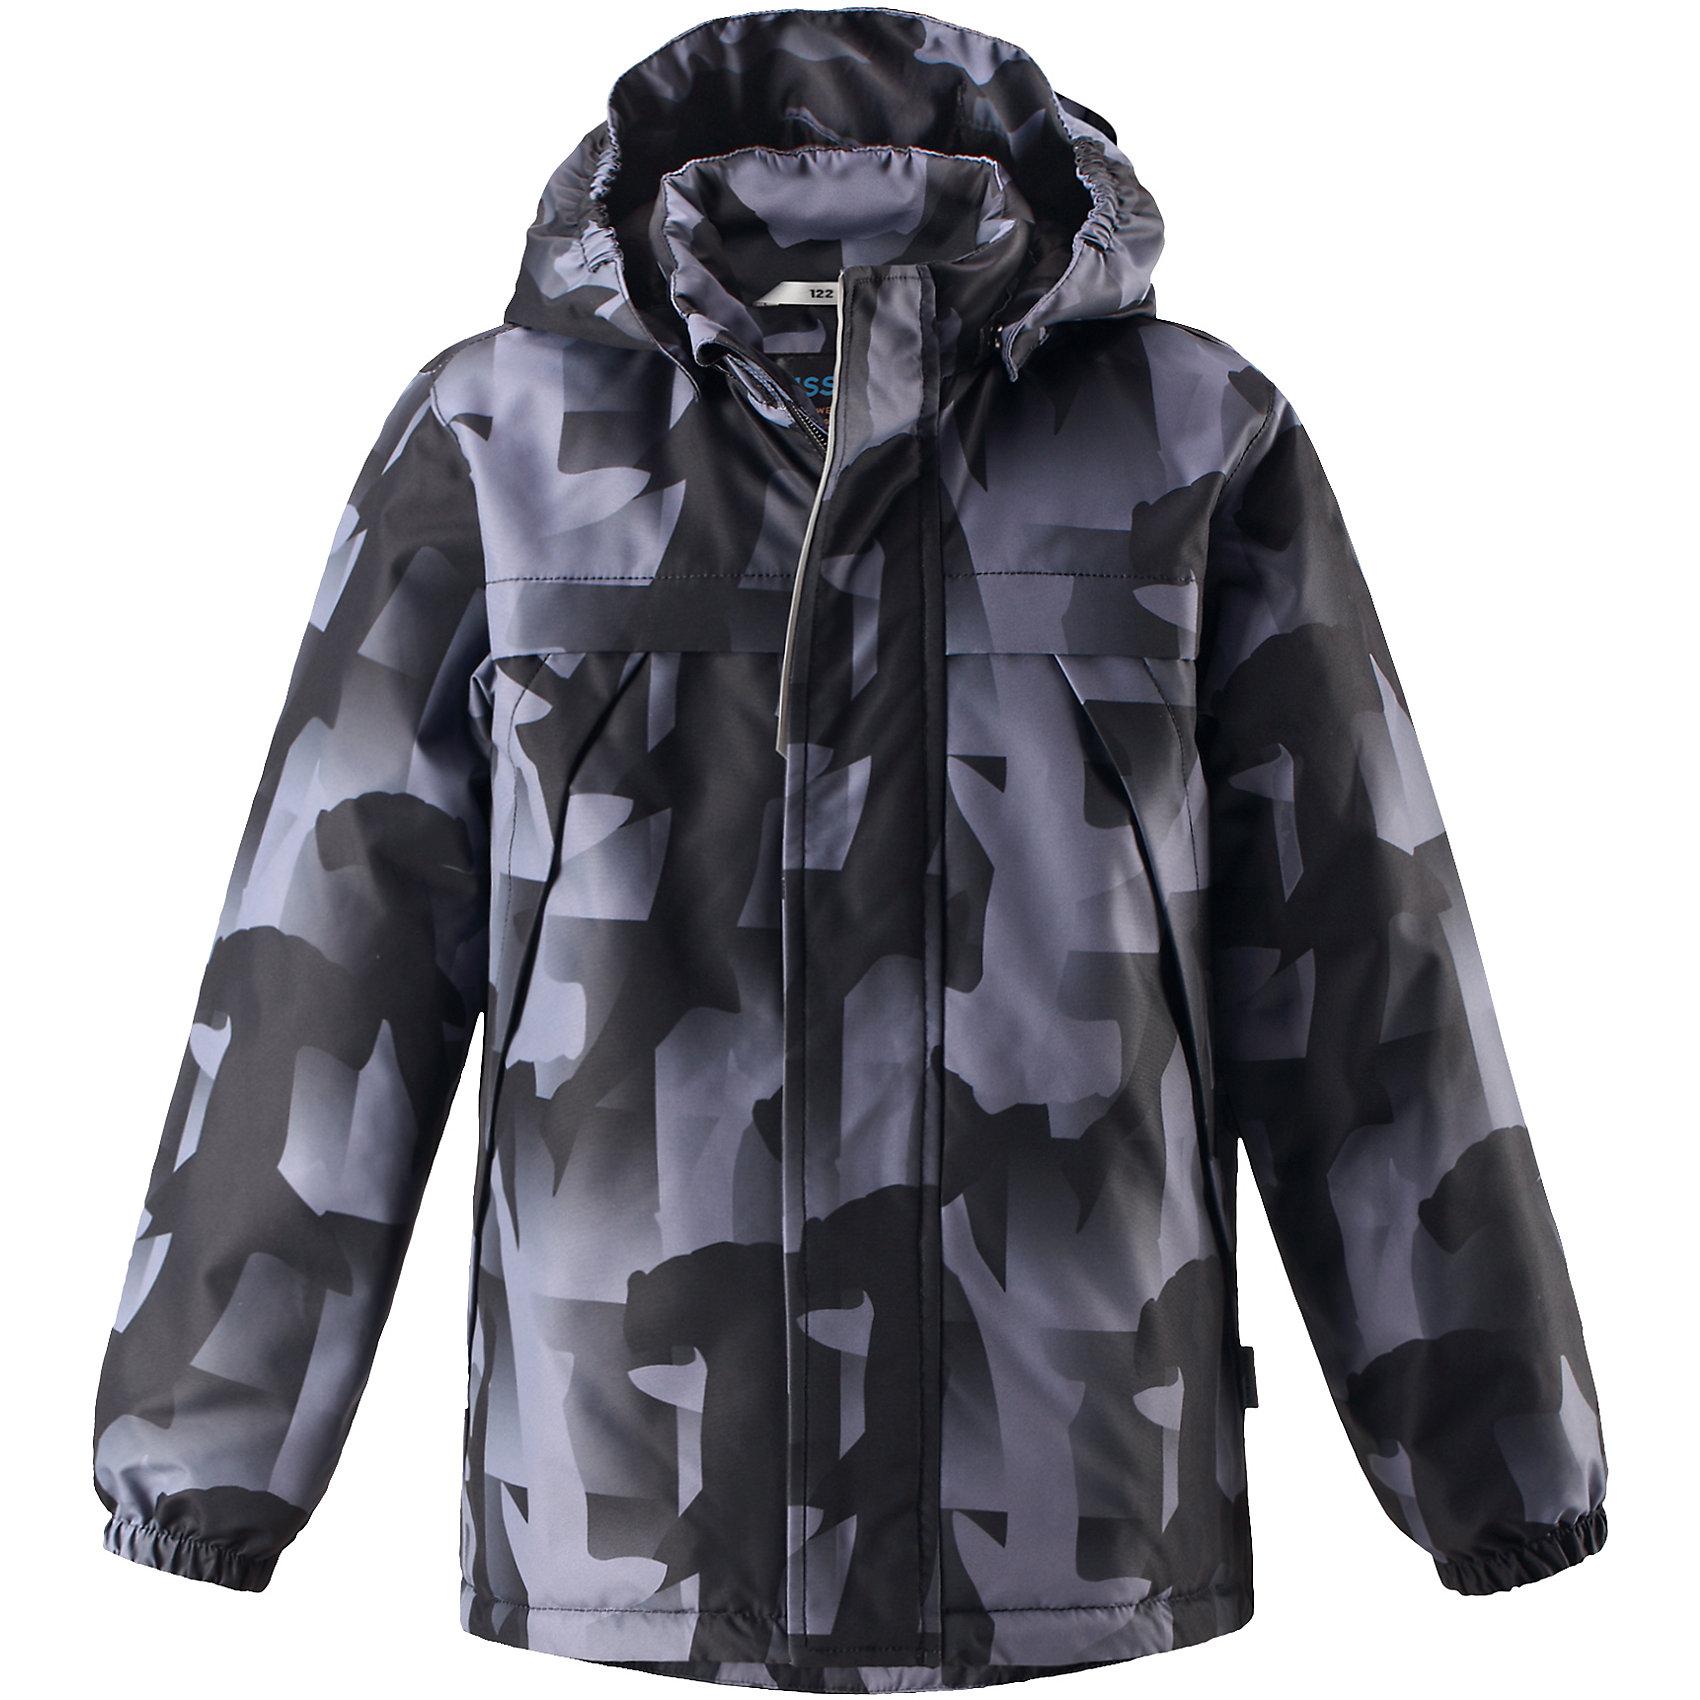 Куртка  для мальчика LASSIEКуртка  для мальчика LASSIE<br>Состав:<br>100% Полиэстер, полиуретановое покрытие<br> Куртка демисезонная для детей<br> Водоотталкивающий, ветронепроницаемый и «дышащий» материал<br> Гладкая подкладка из полиэстра<br> Легкая степень утепления<br> Безопасный, съемный капюшон<br> Эластичные манжеты<br> Регулируемый подол<br> Передние карманы<br><br>Ширина мм: 356<br>Глубина мм: 10<br>Высота мм: 245<br>Вес г: 519<br>Цвет: черный<br>Возраст от месяцев: 60<br>Возраст до месяцев: 72<br>Пол: Мужской<br>Возраст: Детский<br>Размер: 116,110,104,98,92,140,134,128,122<br>SKU: 5265110